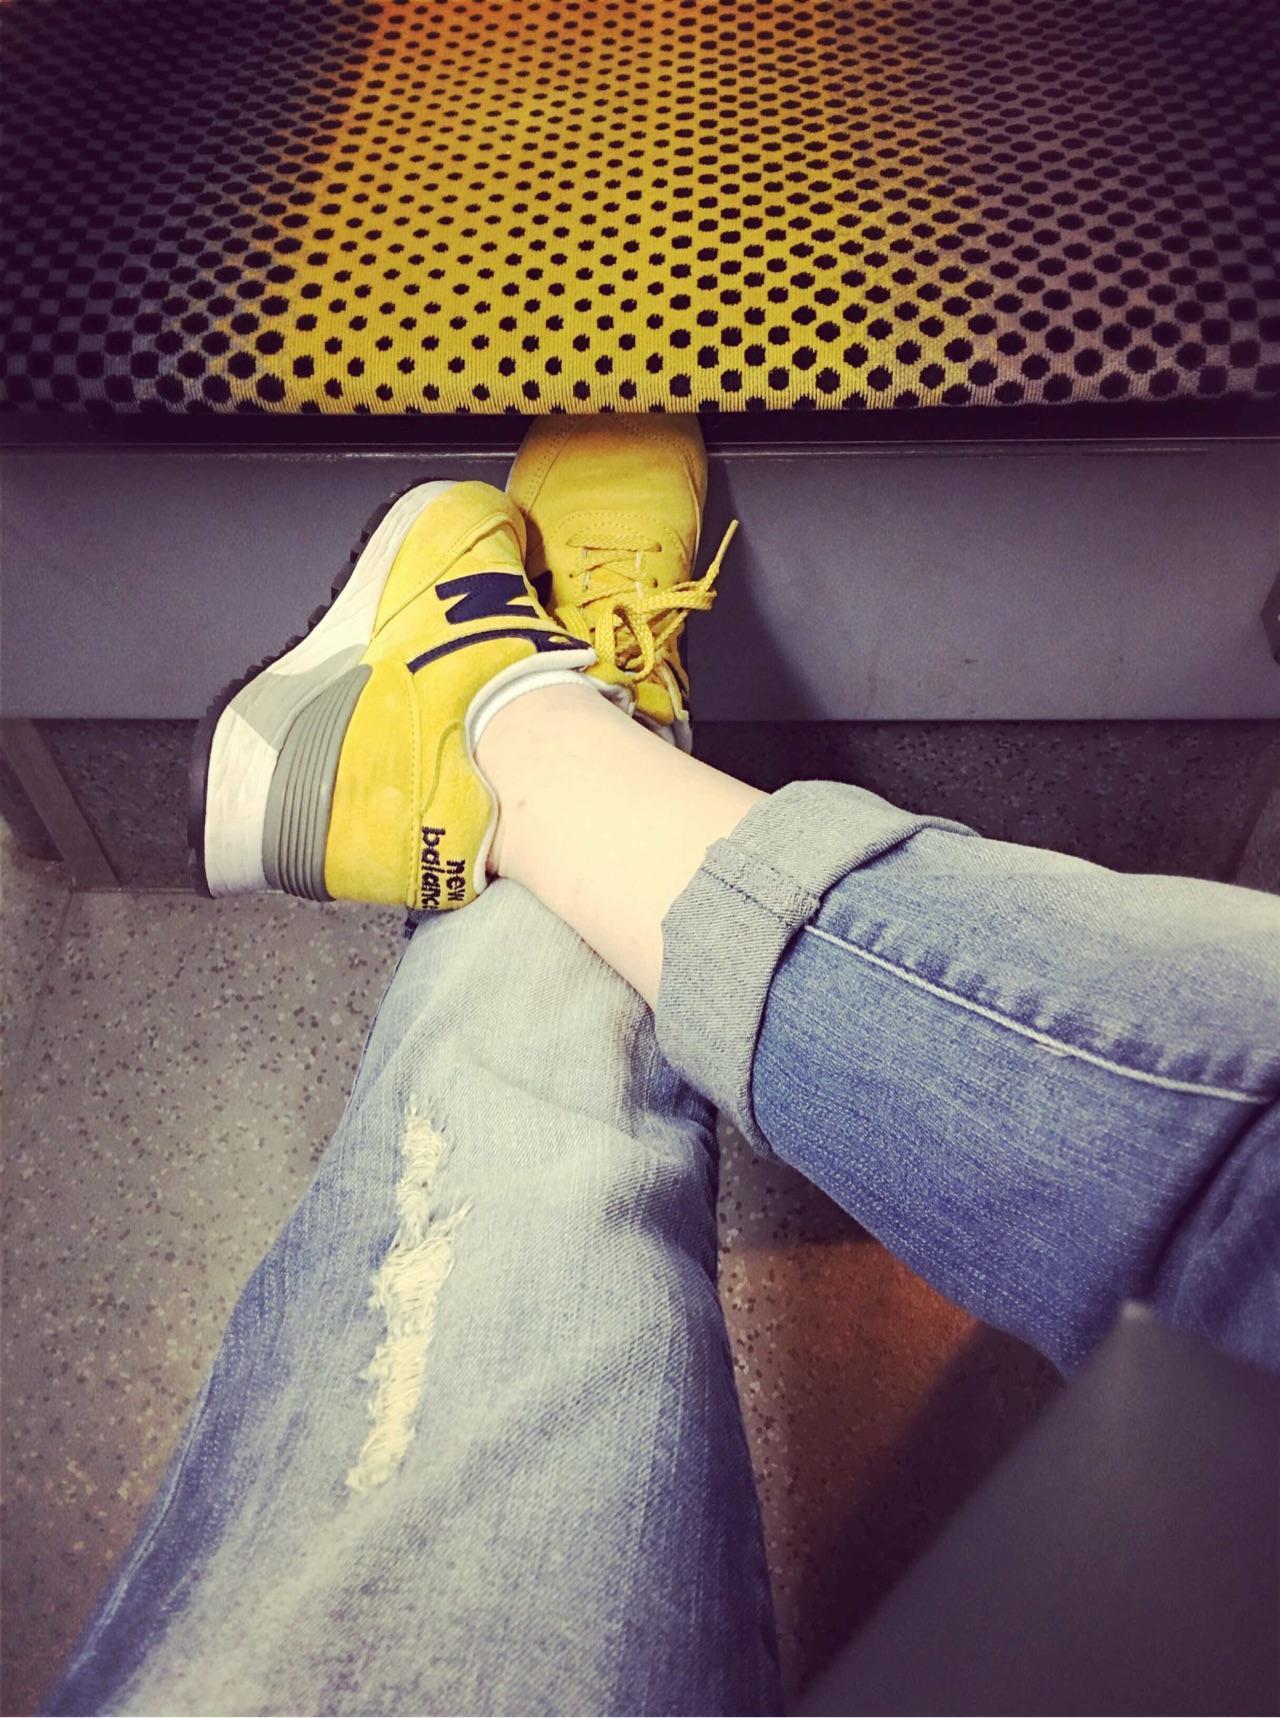 有哪些穿着好看、女生舒服的屁股运动鞋品牌/想样式看女生图片